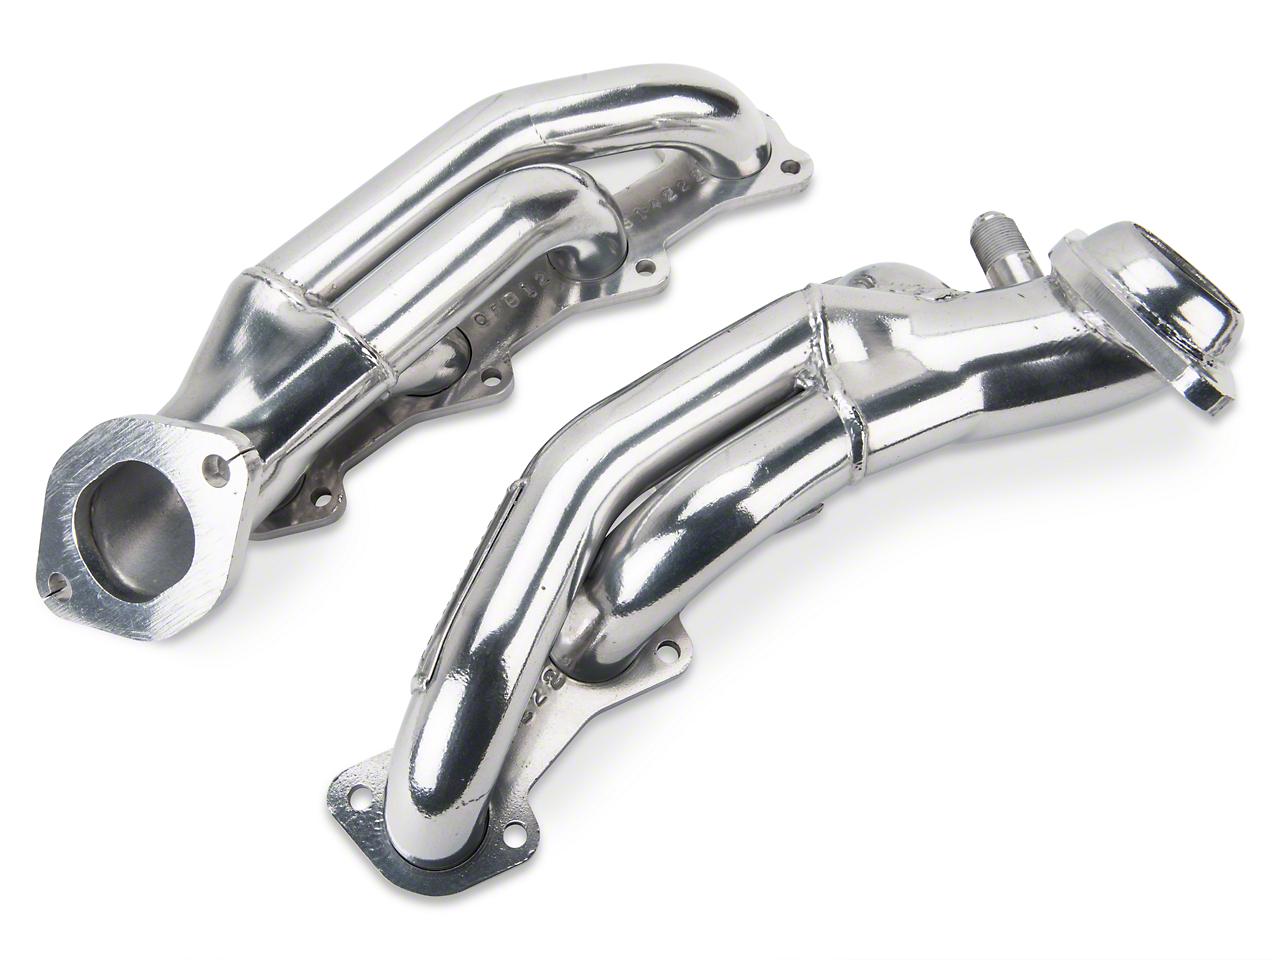 Flowmaster Ceramic Shorty Headers (96-98 GT)